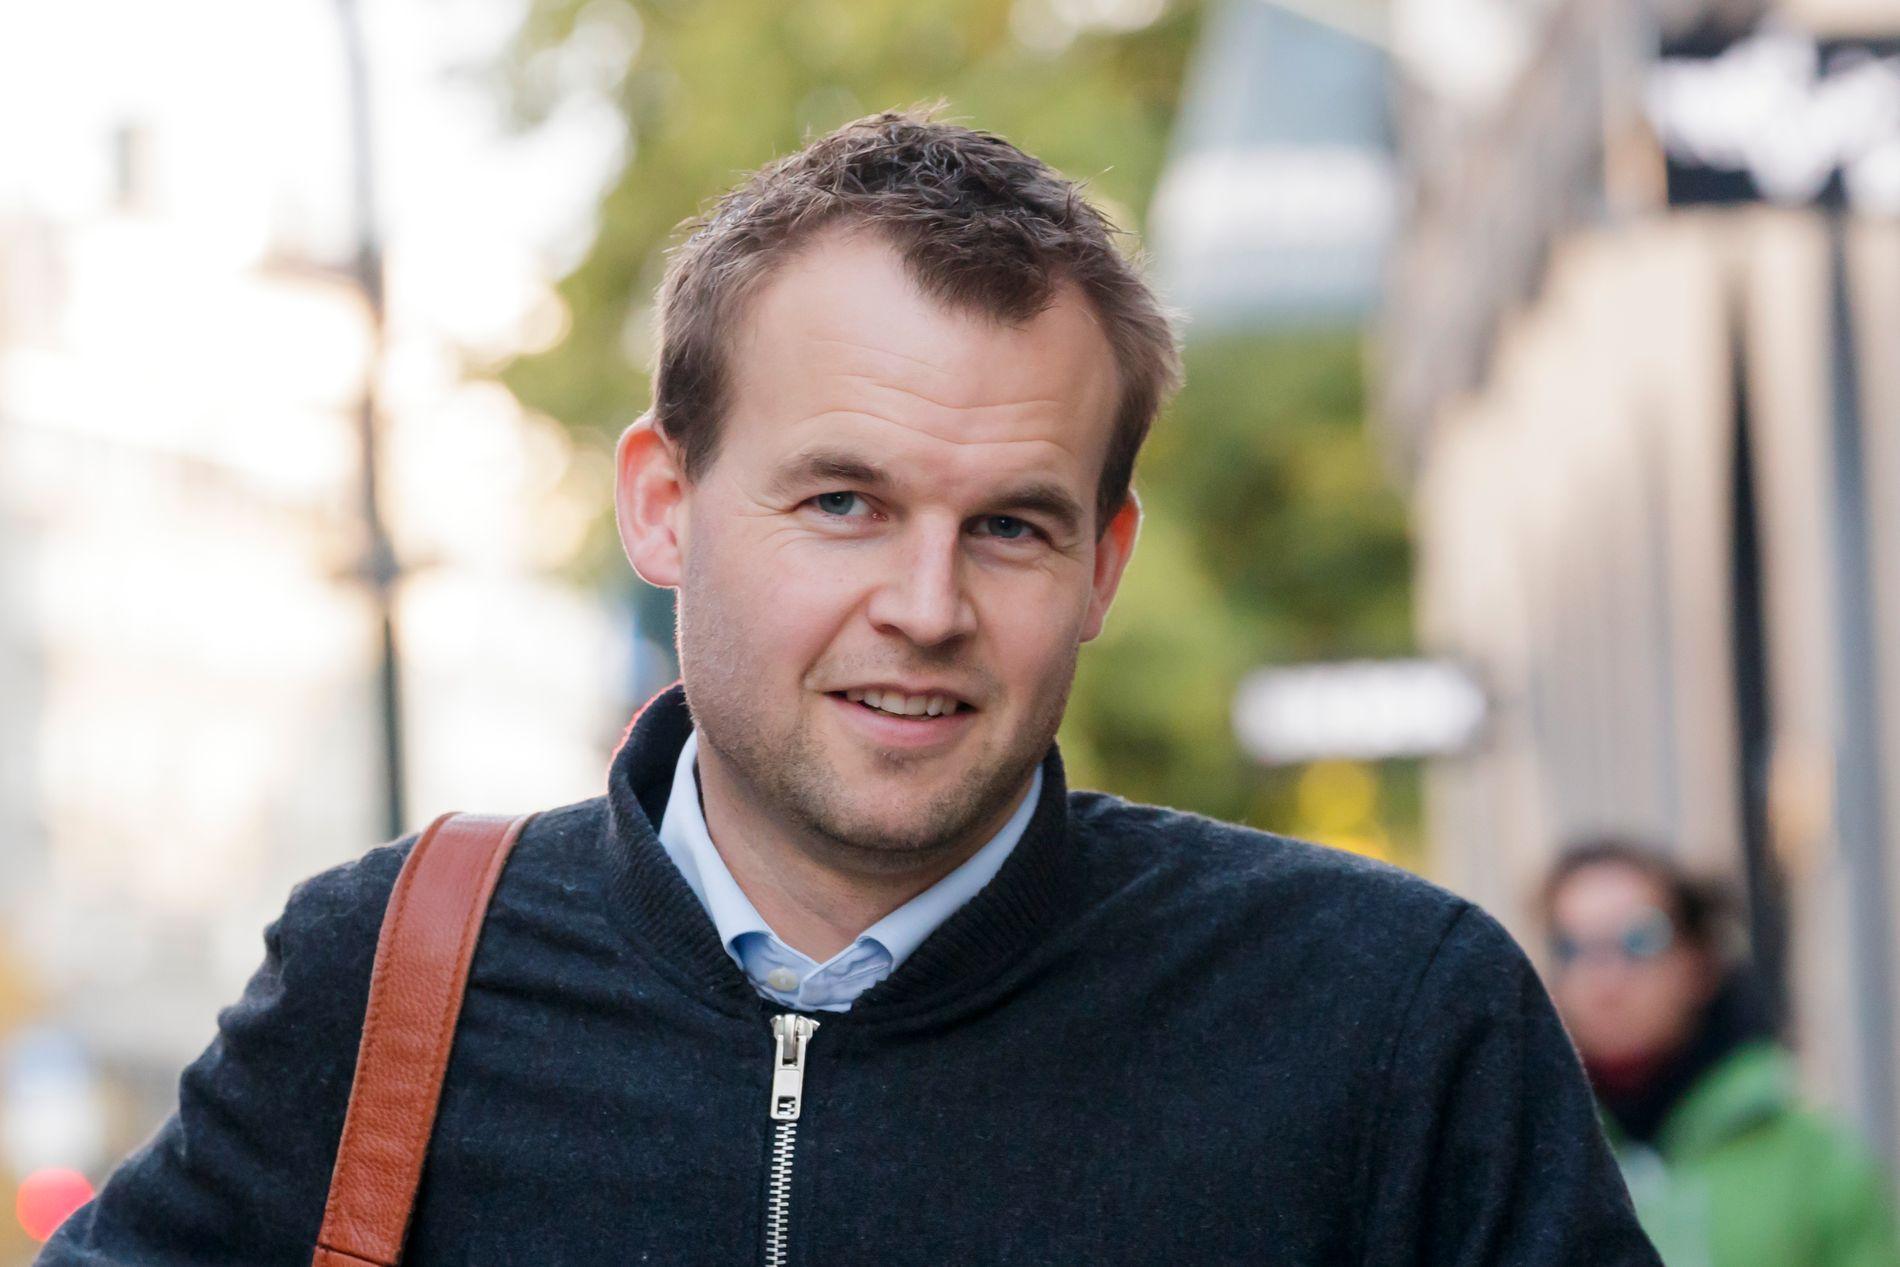 ADVARER: Velger vi å kaste Erna Solberg (H) til fordel for en Arbeiderparti dominert regjering, vil det være et historisk linjeskifte for KrF. Et linjeskifte jeg vil advare mot, skriver Kjell Ingolf Ropstad (KrF).